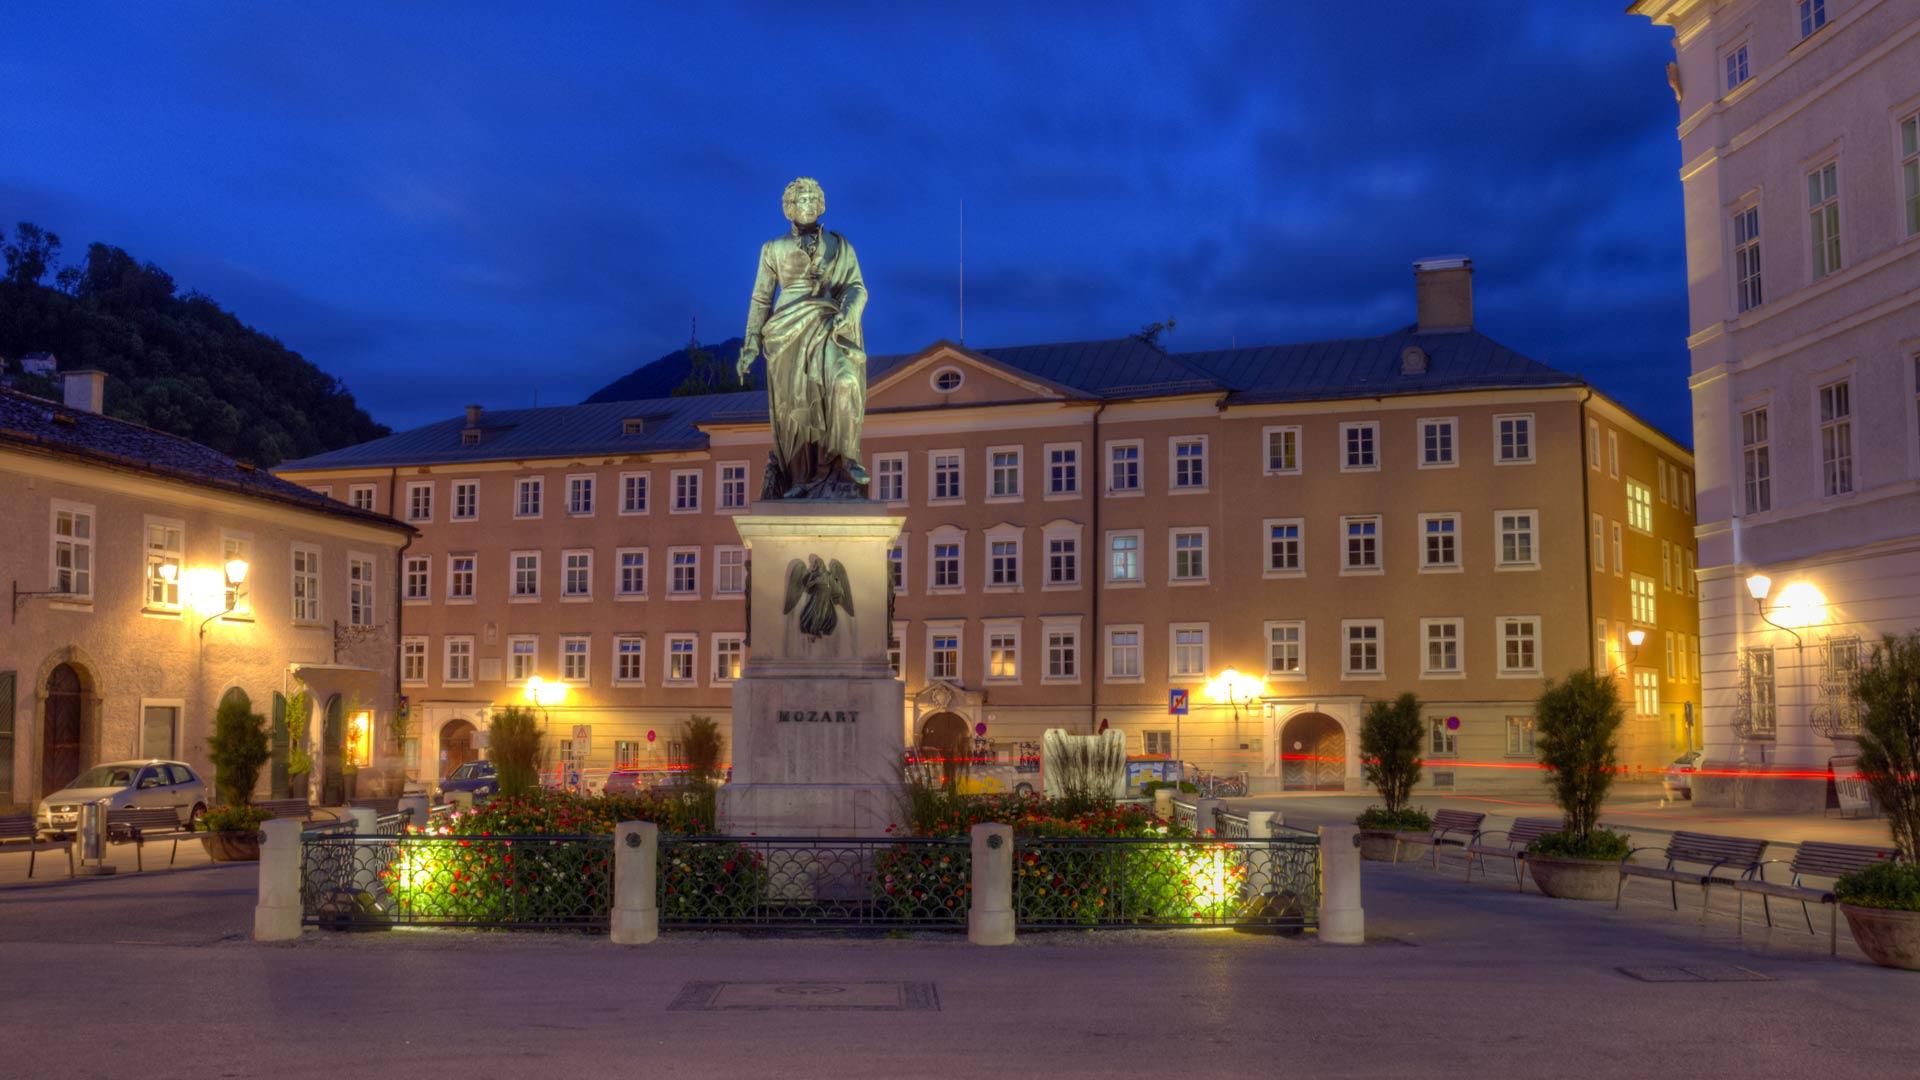 Mozart statue in Mozartplatz, Salzburg, Austria